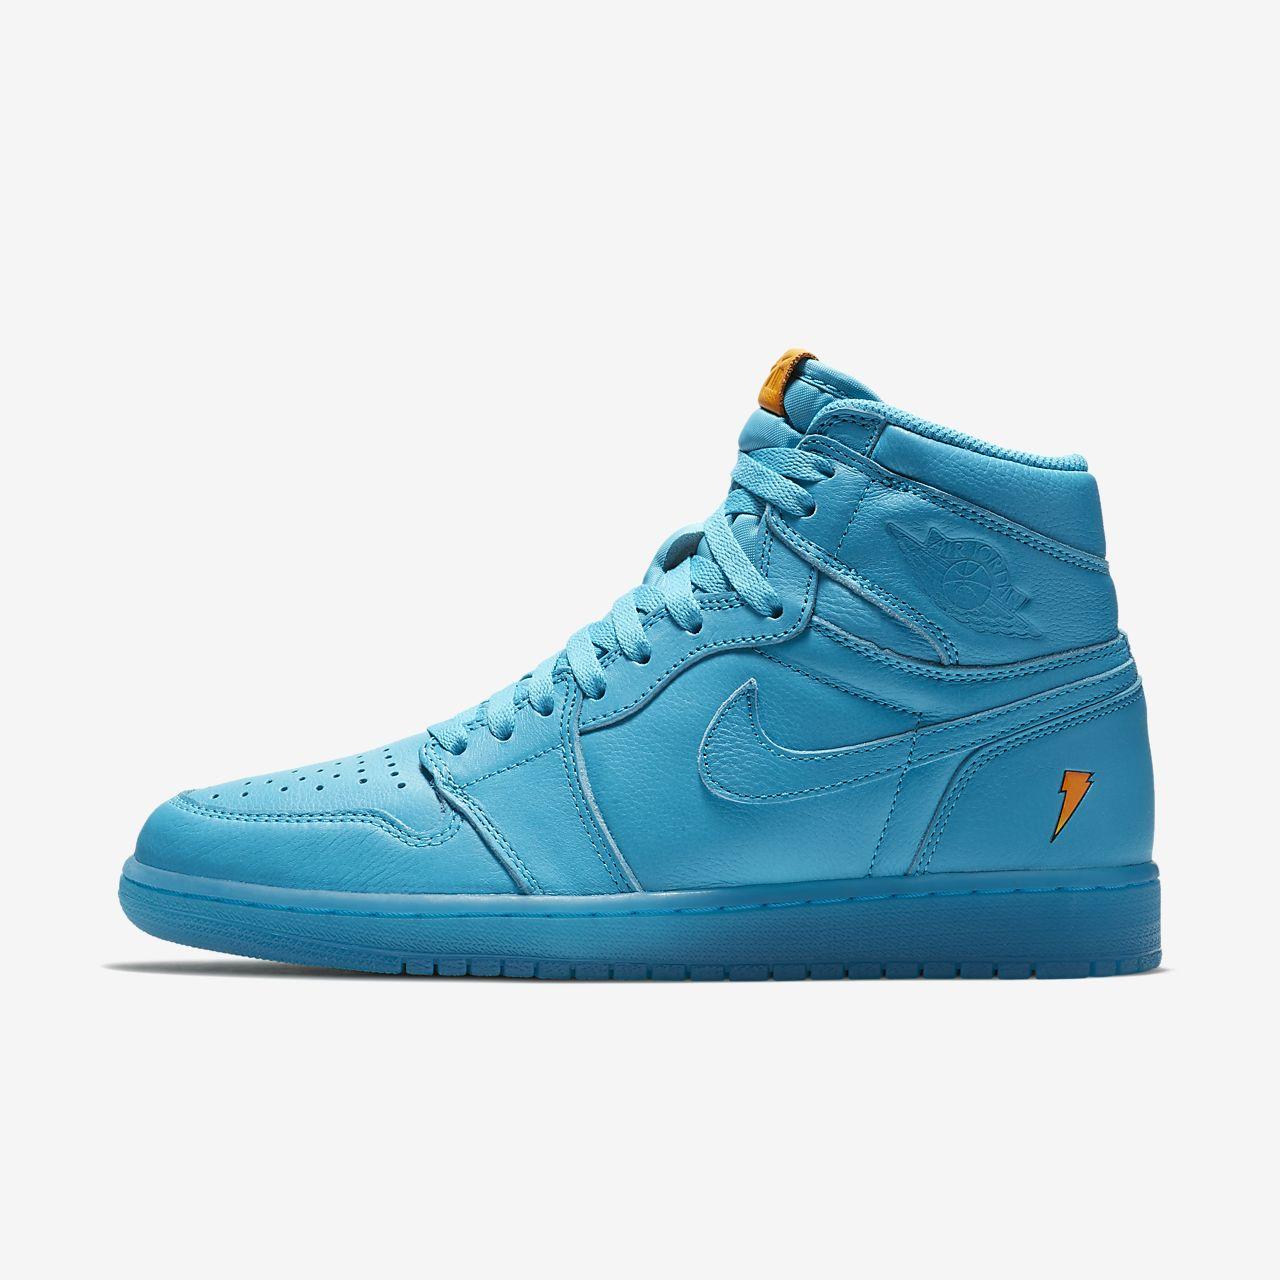 Air Jordan 1 Retro High OG 'Cool Blue' Men's Shoe